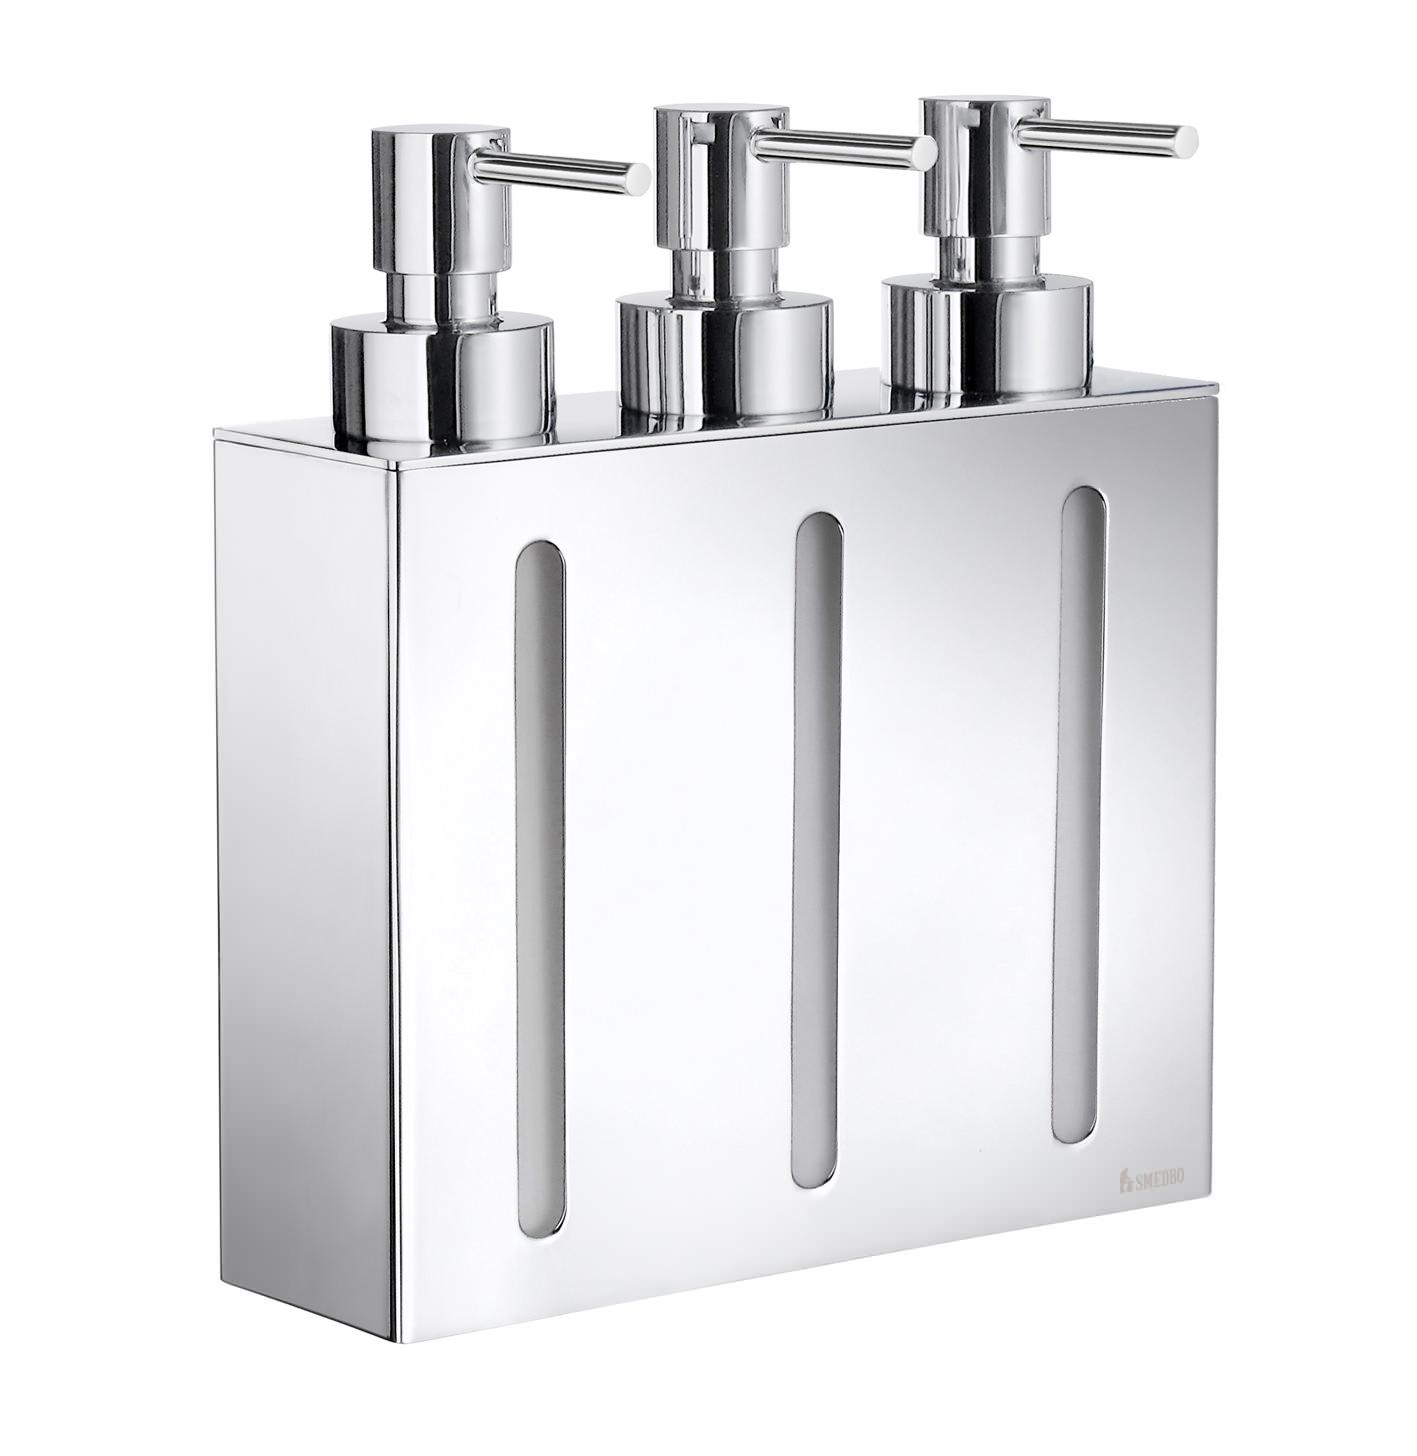 Wall Mounted Dispenser ~ Smedbo outline wallmounted triple soap dispenser fk